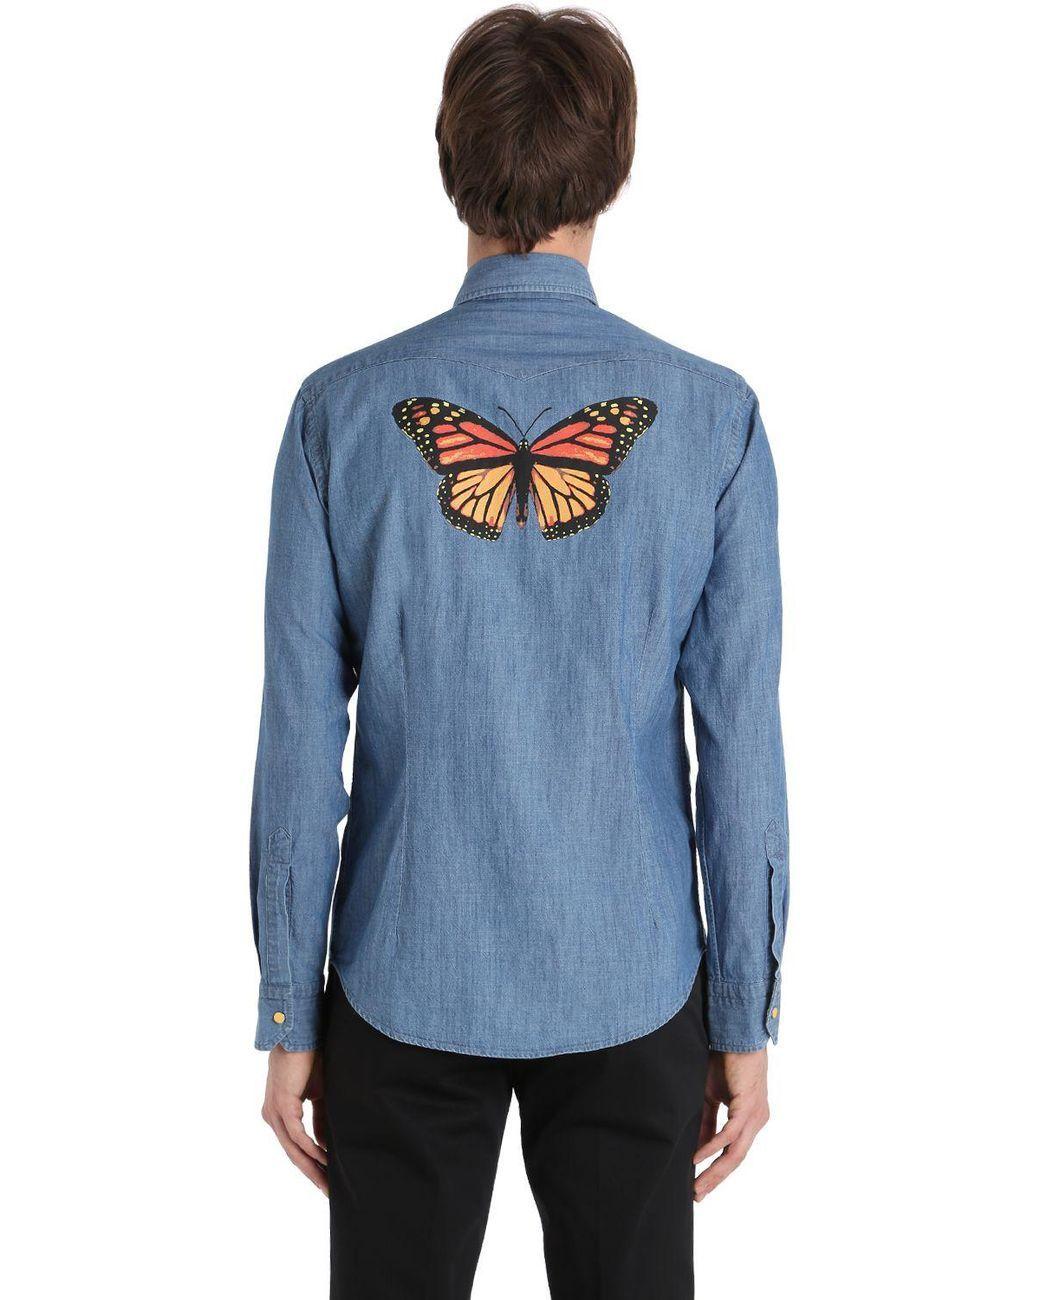 a008dcd31cc Men s Blue Butterfly Print Cotton Denim Shirt